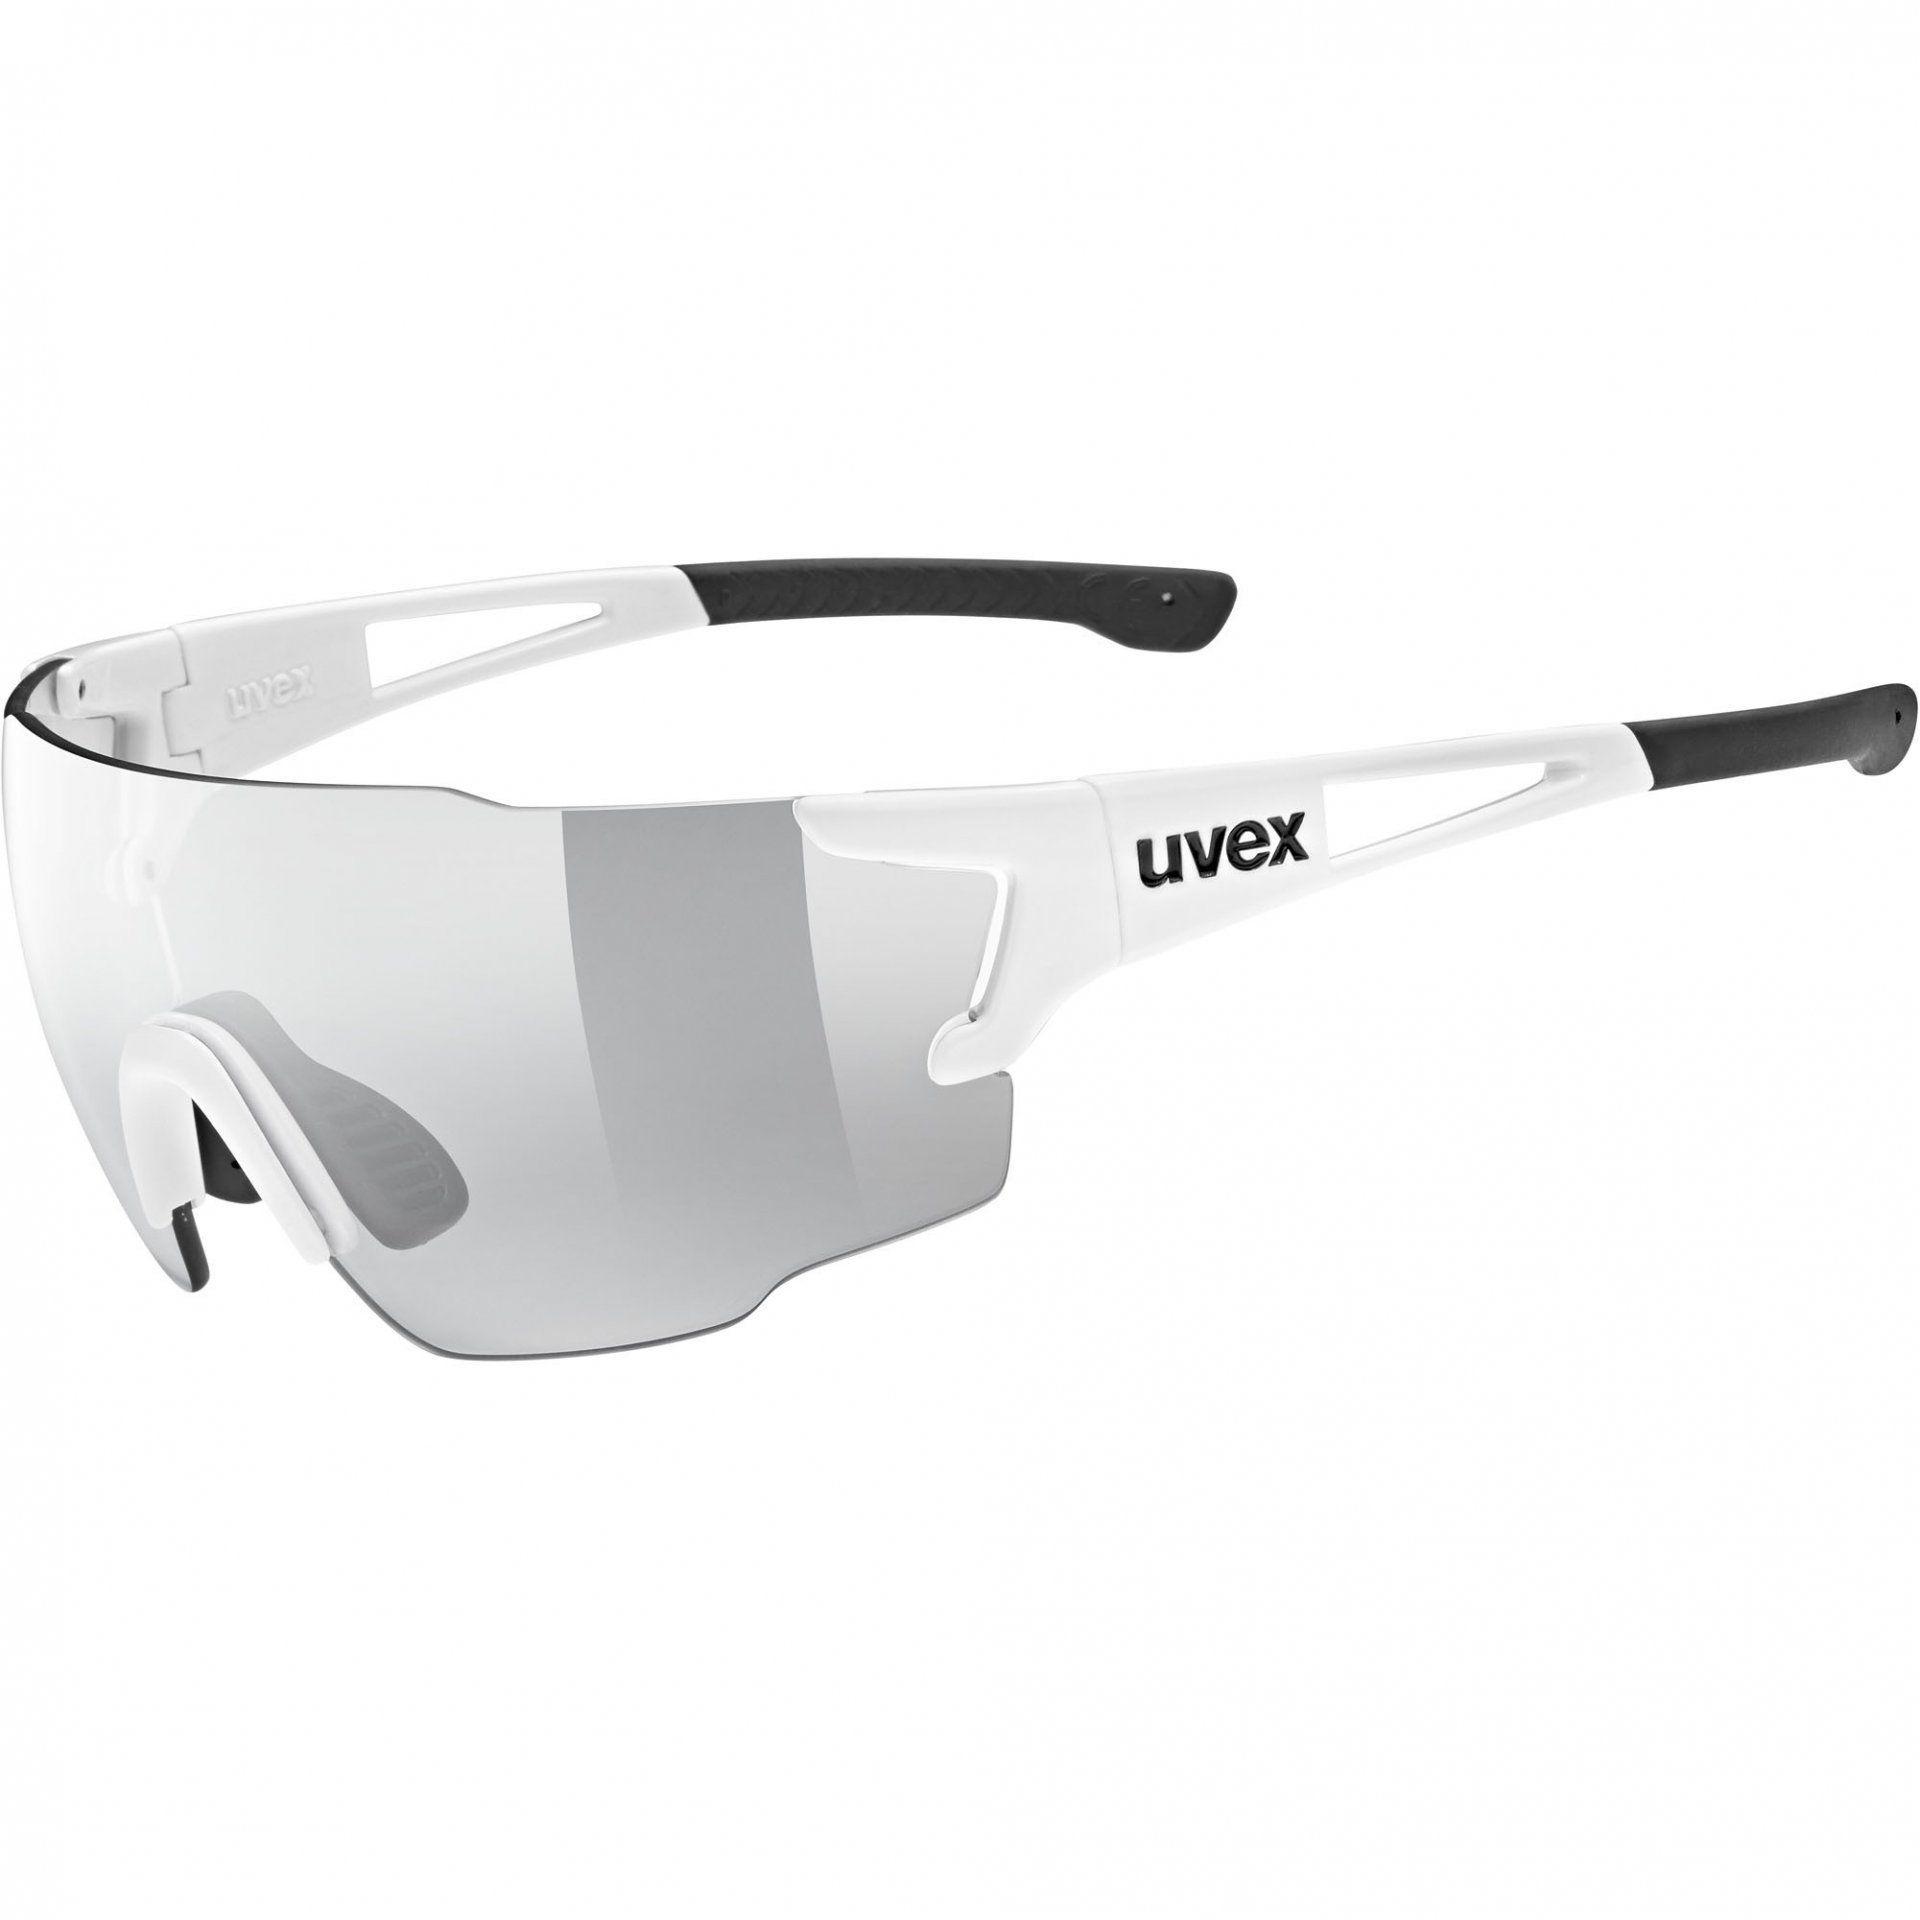 OKULARY UVEX SPORTSTYLE 804 V WHITE|SMOKE 8801 1